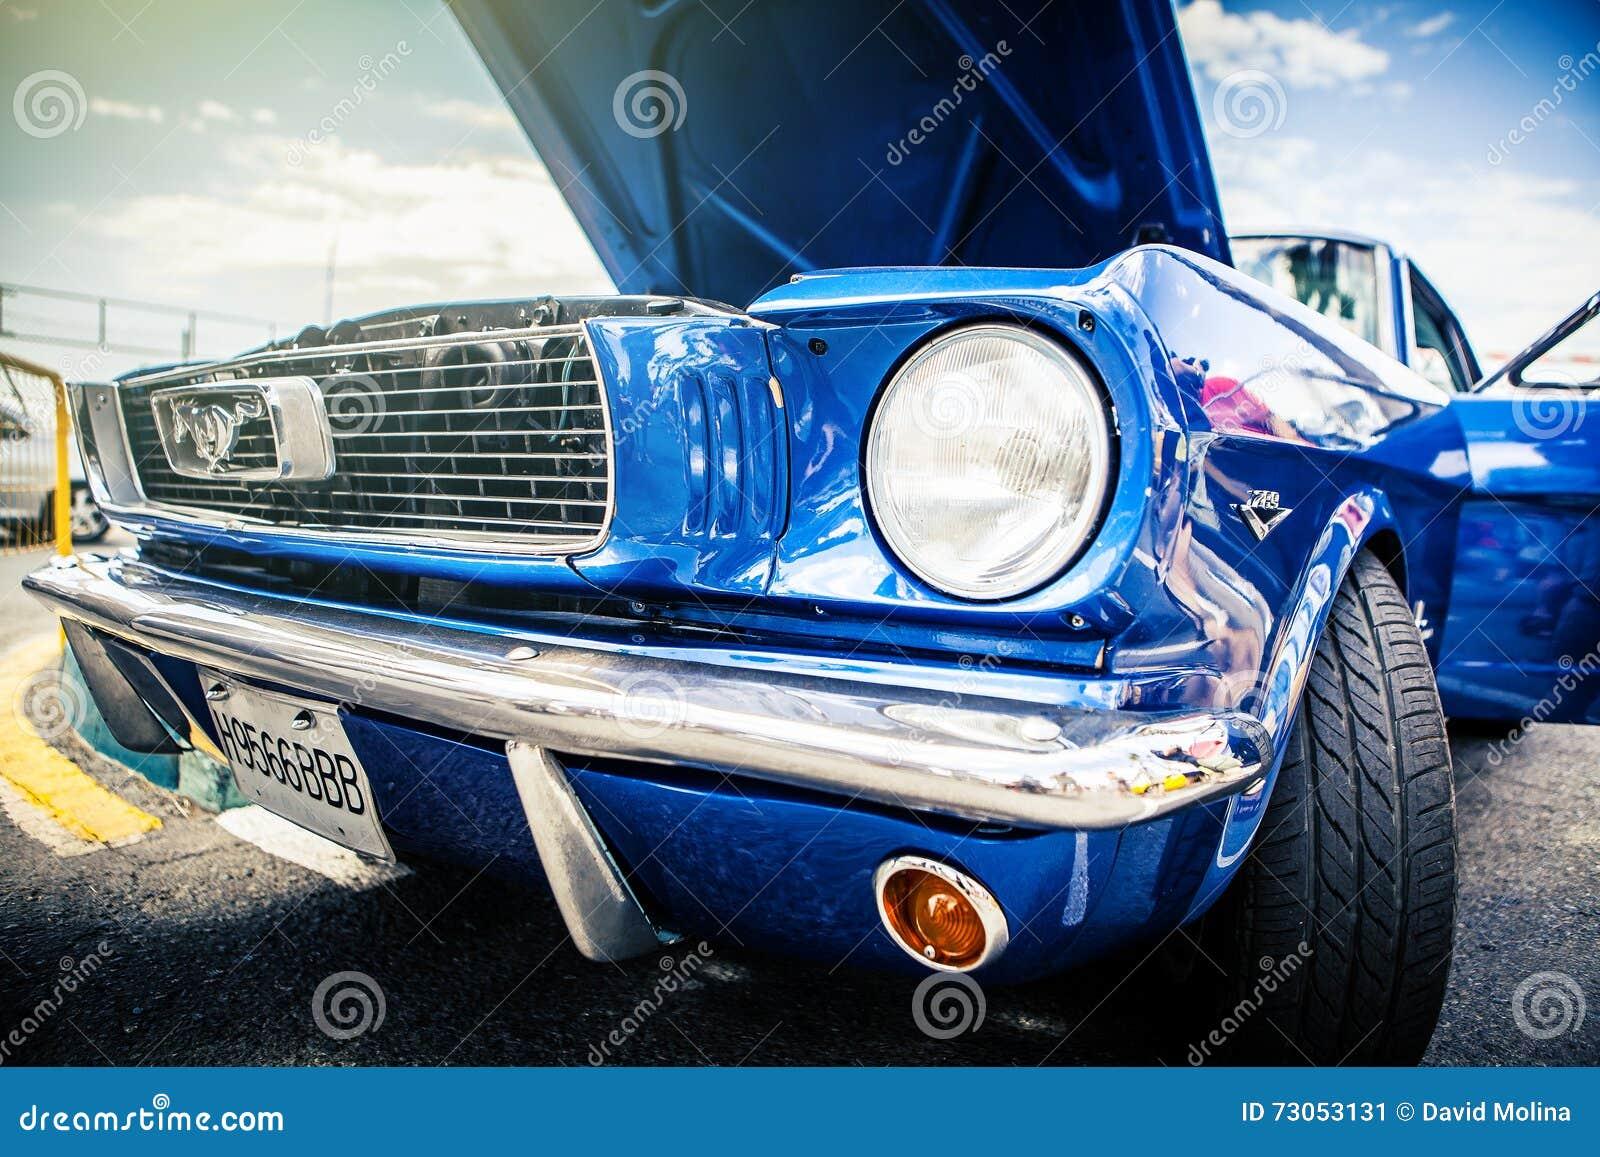 Benalmadena Hiszpania, Czerwiec, - 21, 2015: Frontowy widok klasyczny Ford mustang w błękitnym kolorze